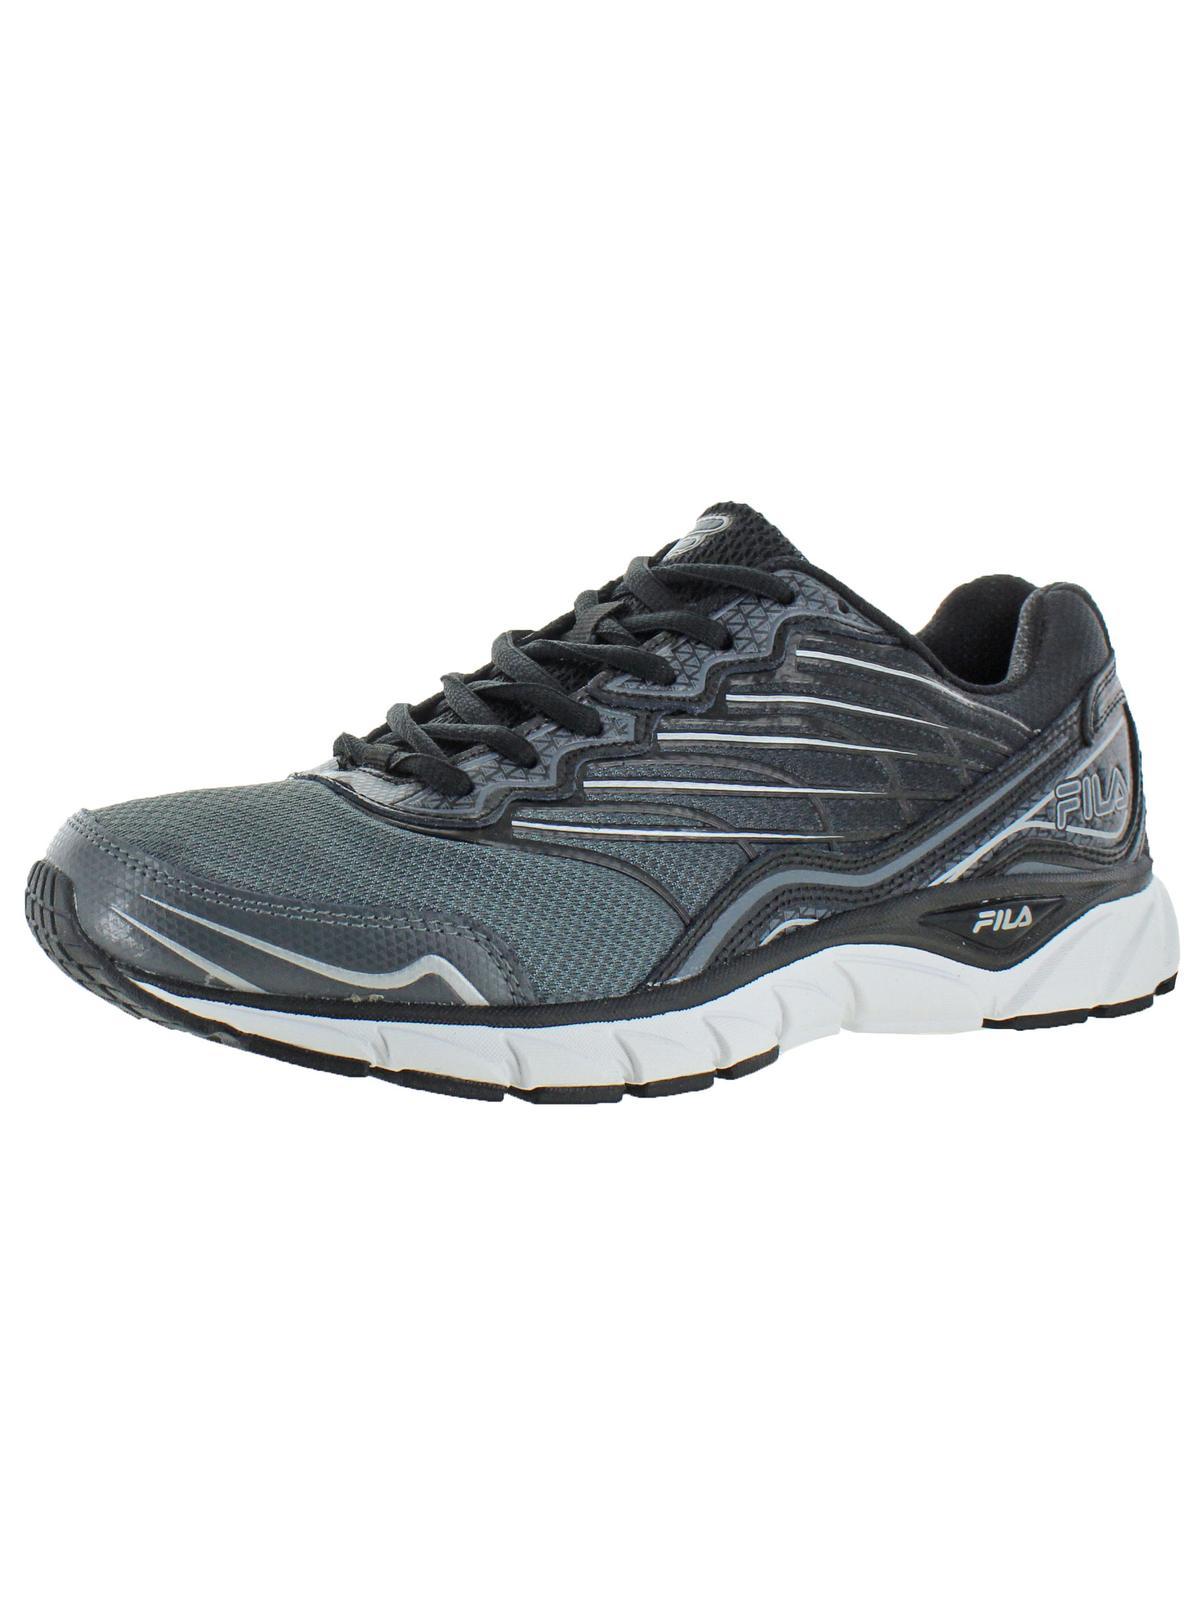 Fila Mens Memory Countdown 3 Memory Foam Athletic Running Shoes